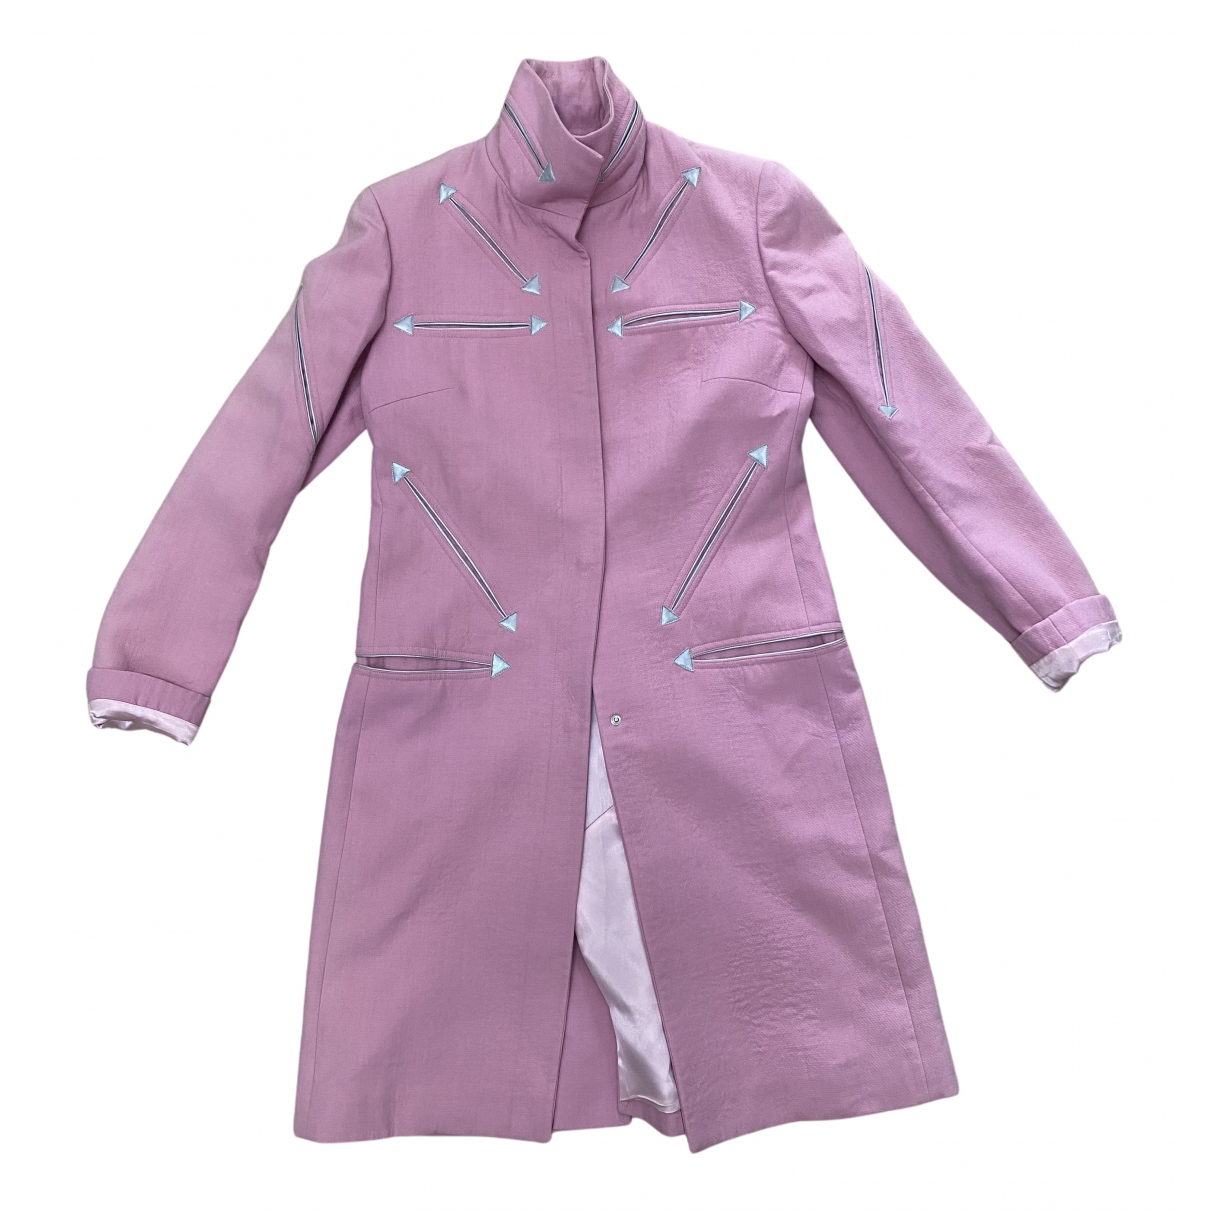 Jc De Castelbajac N Pink Wool coat for Women 42 IT